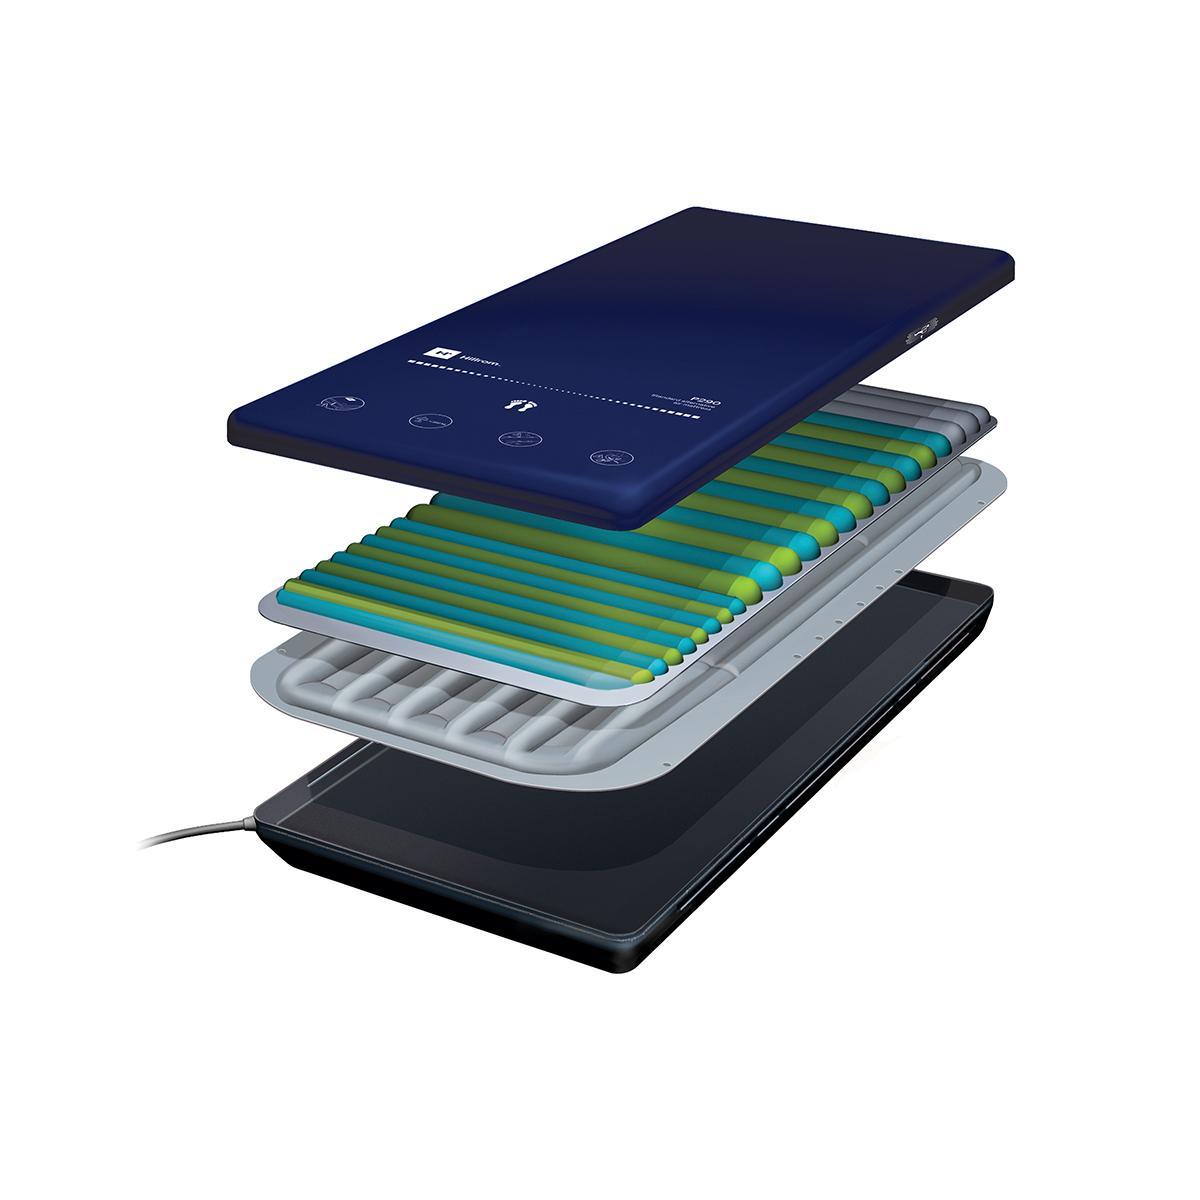 SuperficieP290, opción de aire, vista ampliada ¾ que muestra las capas exteriores e interiores